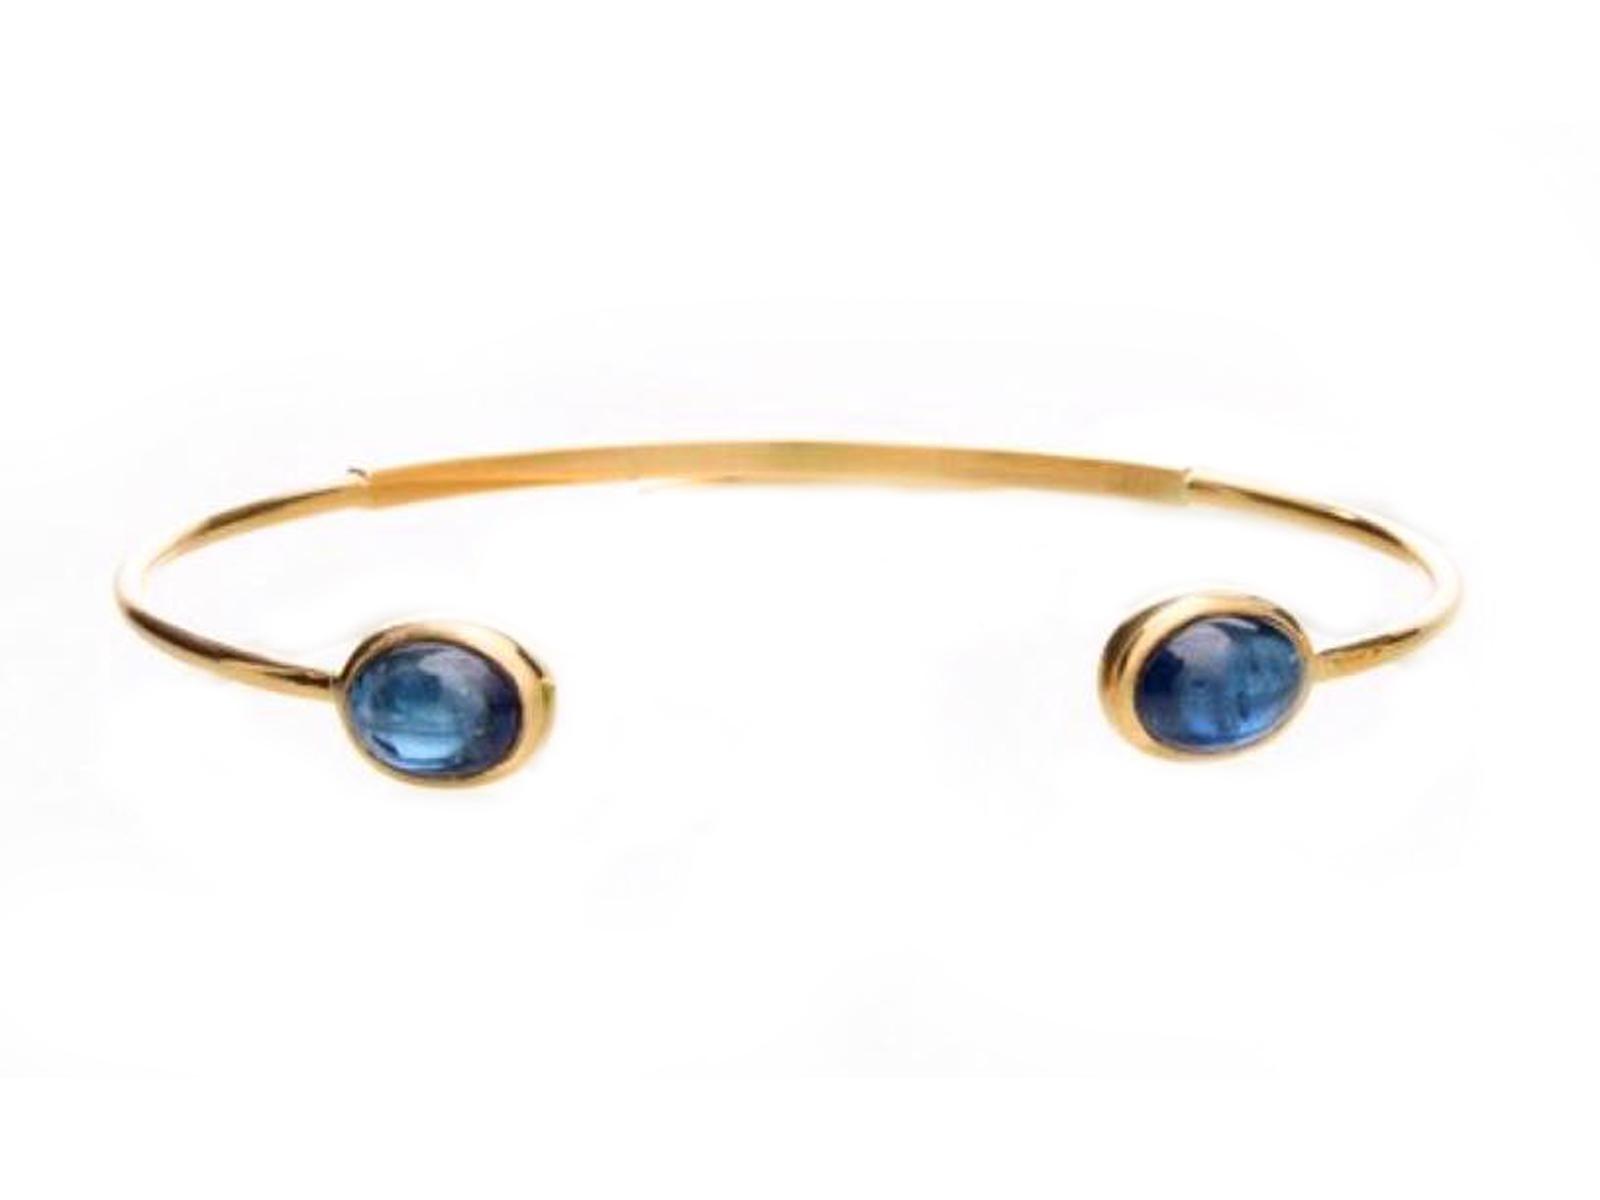 Blue Sapphire Cuff